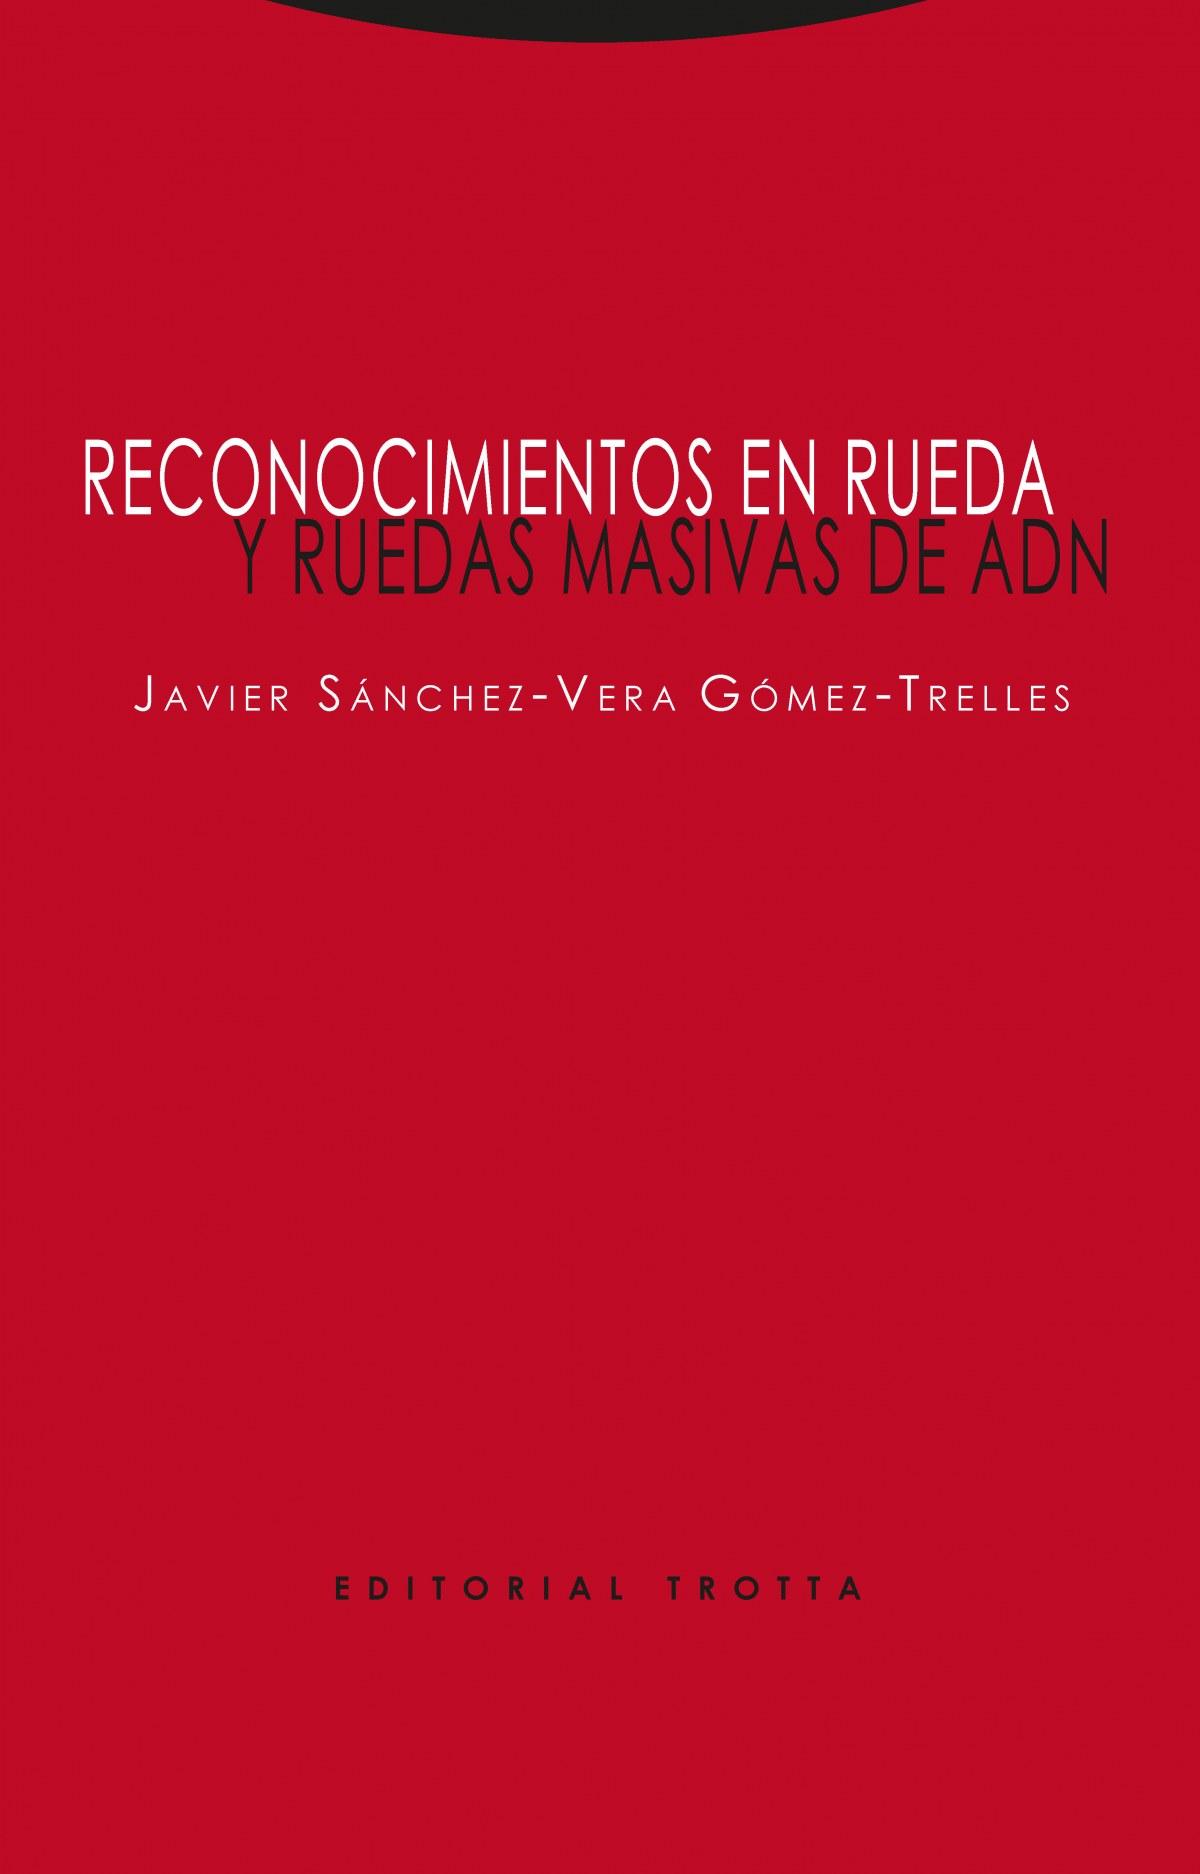 RECONOCIMIENTOS EN RUEDA Y RUEDAS MASIVAS DE ADN 9788498797862